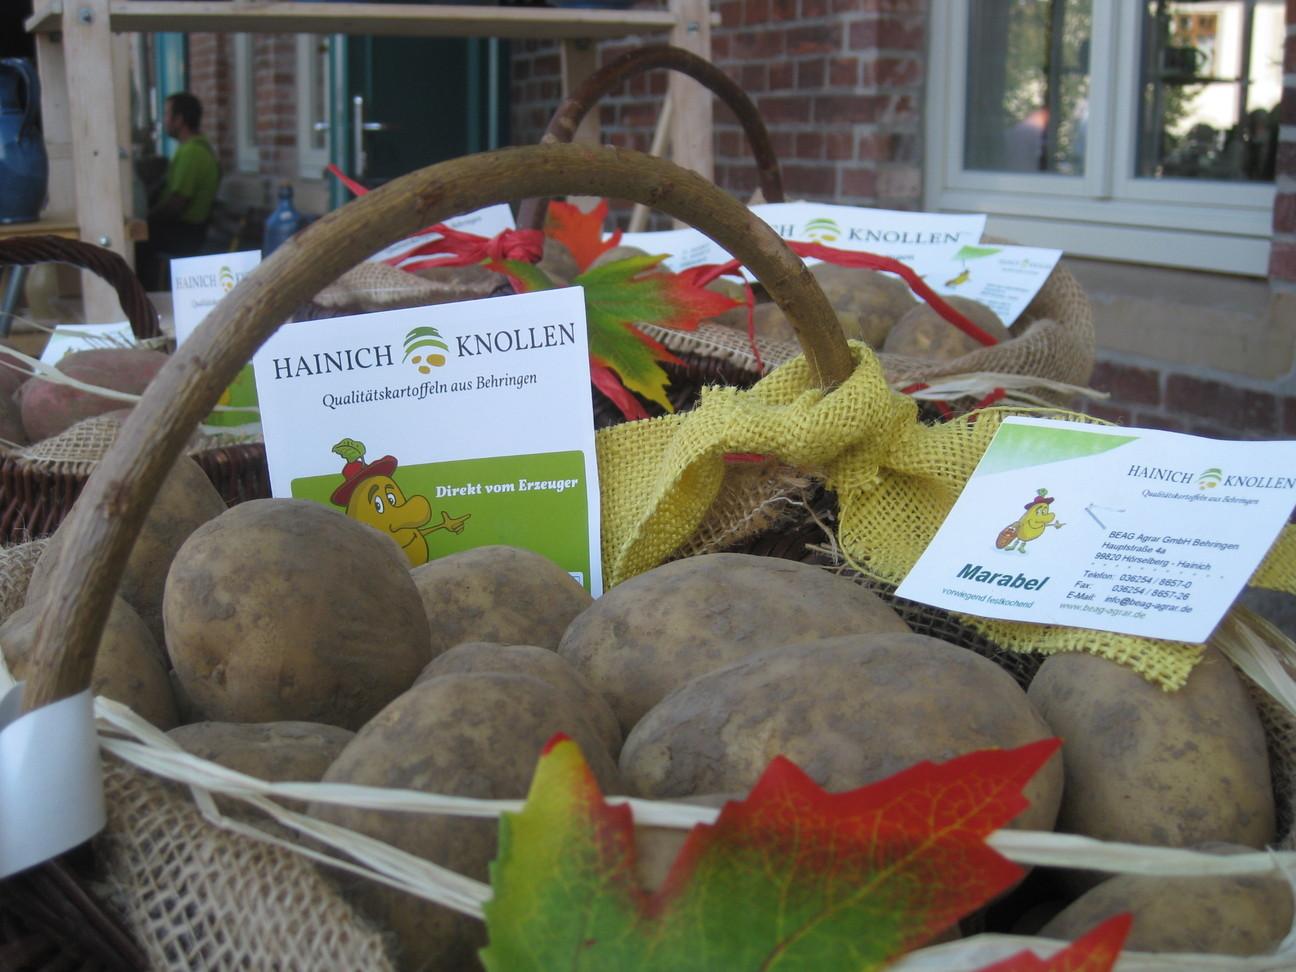 Regionales Produkt: Hainich Knollen, Quelle: IPU Erfurt